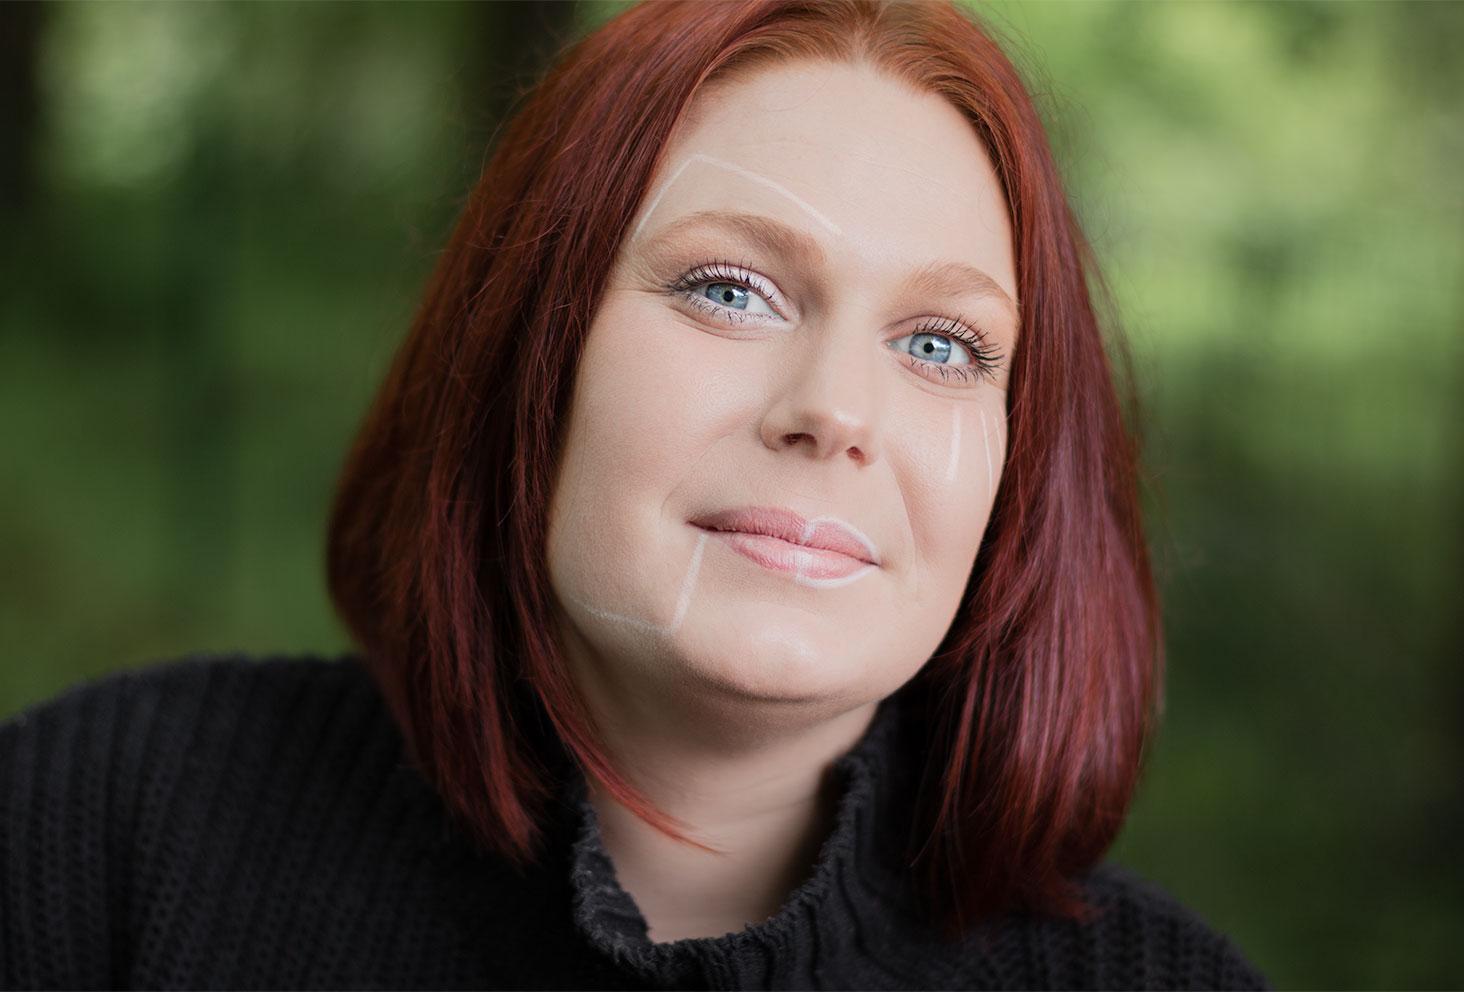 Portrait souriant pour illustrer un article sur le denouement des crises d'angoisse avec un maquillage géométrique sur le visage